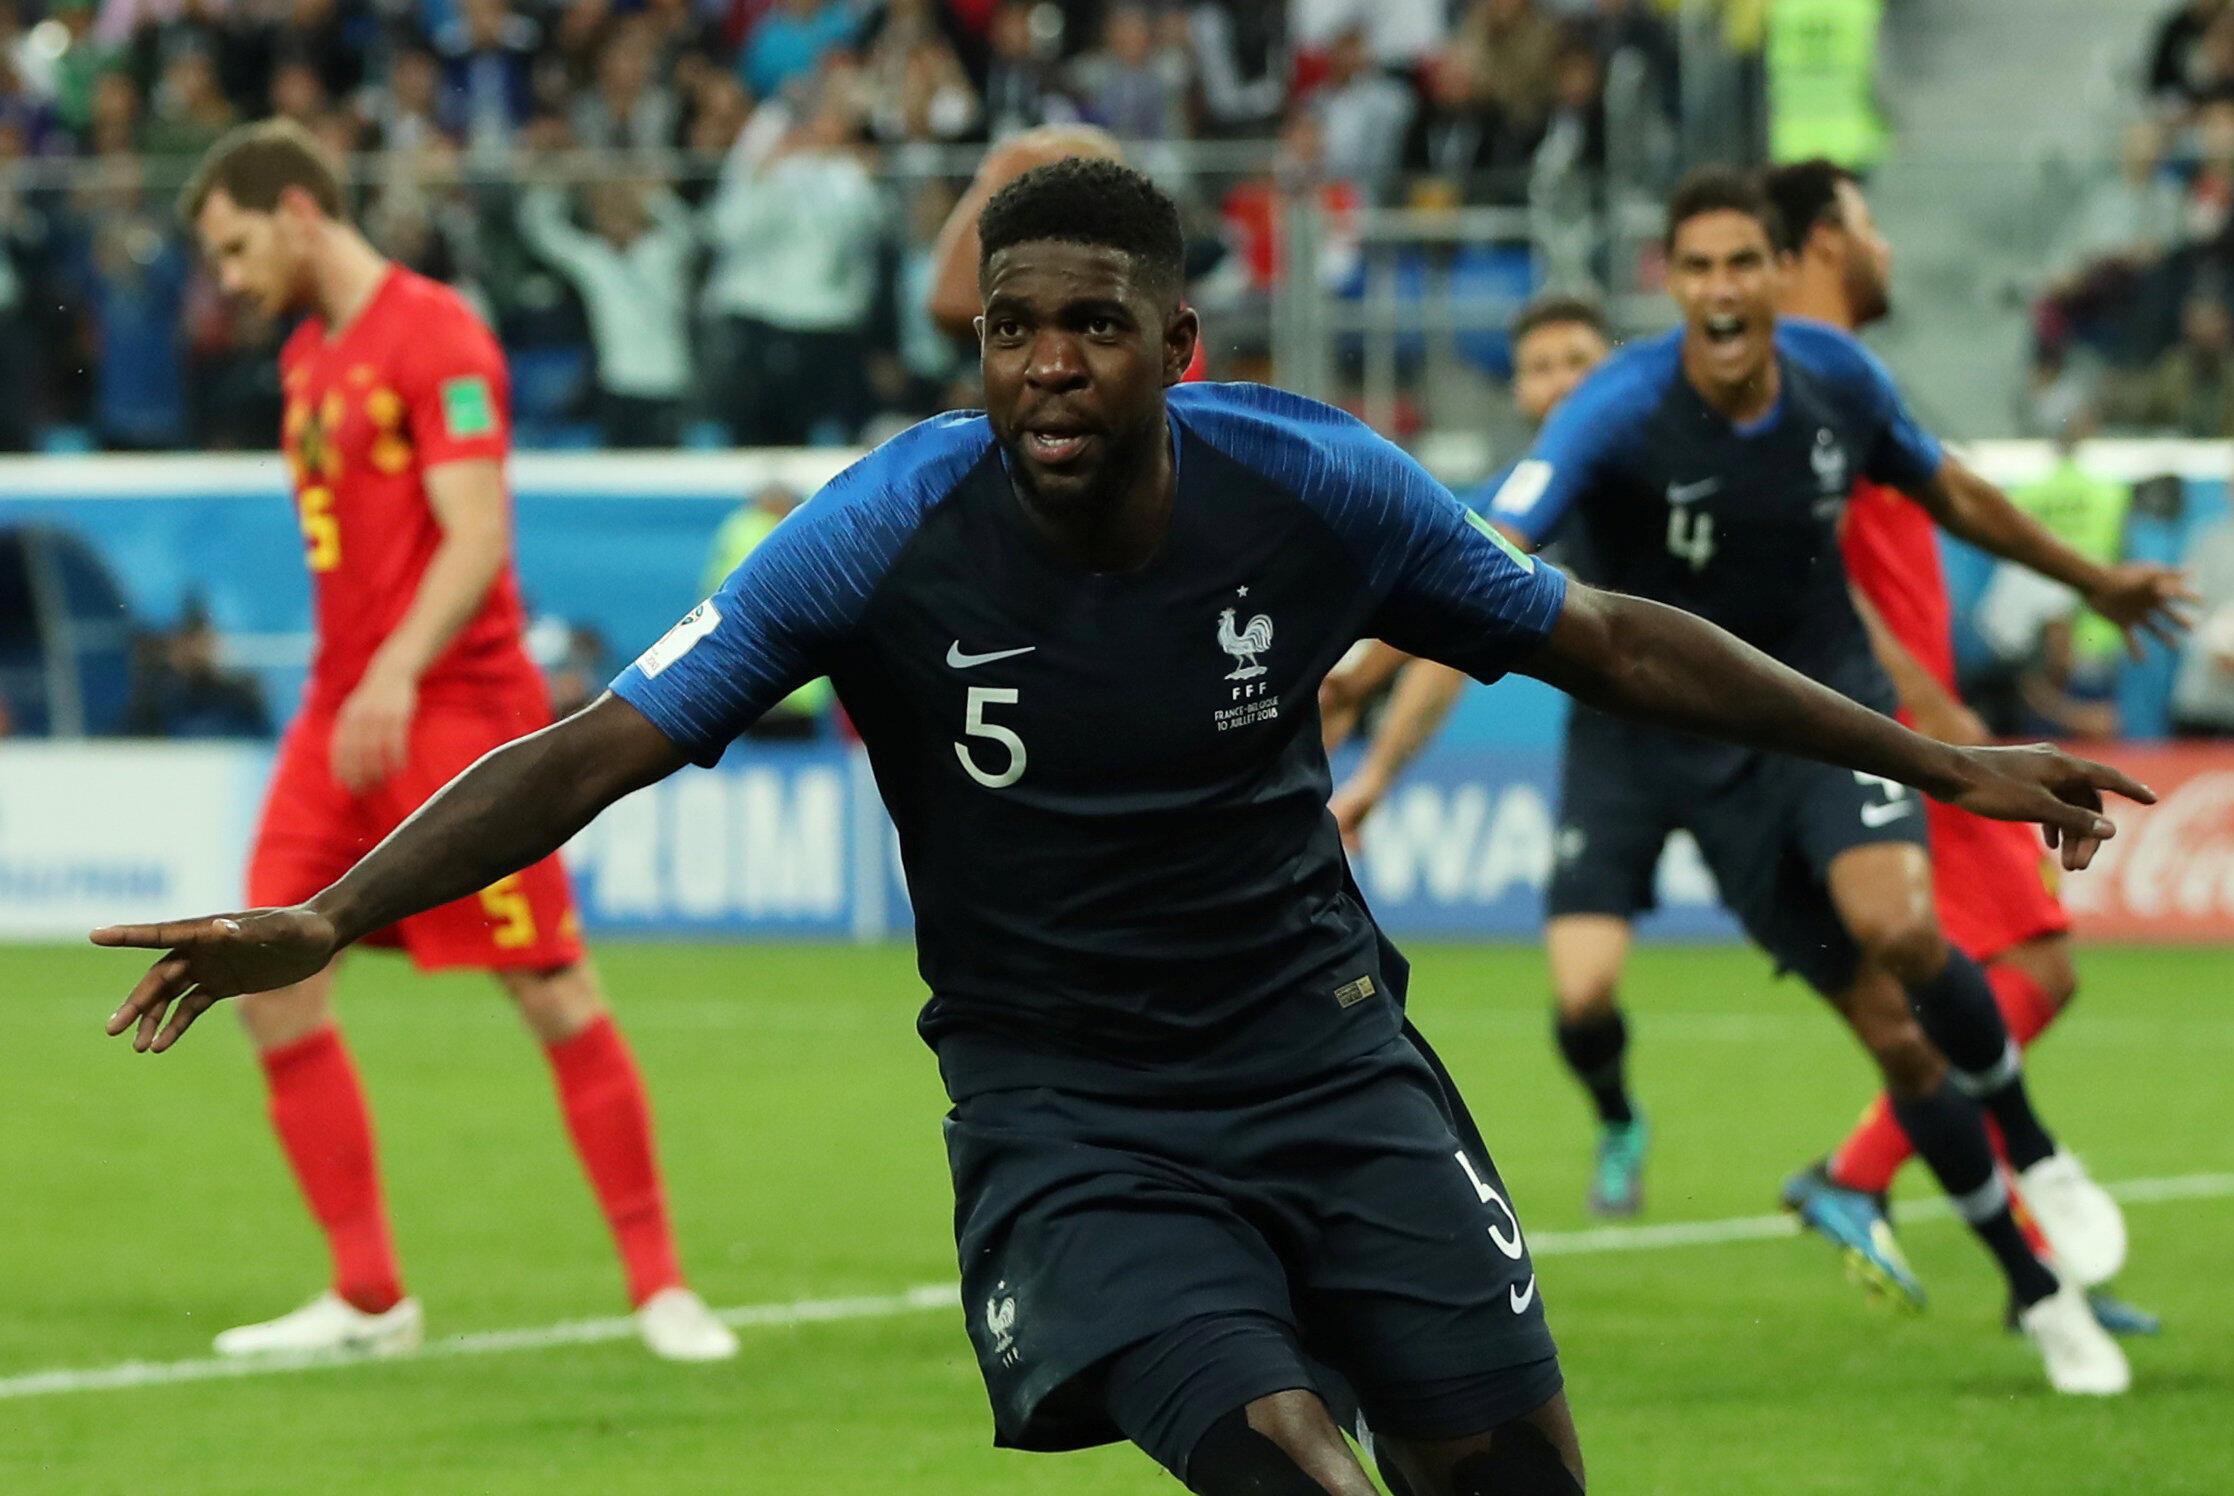 El central, Samuel Umtiti, cabeceó un centro desde el tiro de esquina al minuto 51 y puso al frente al equipo francés.